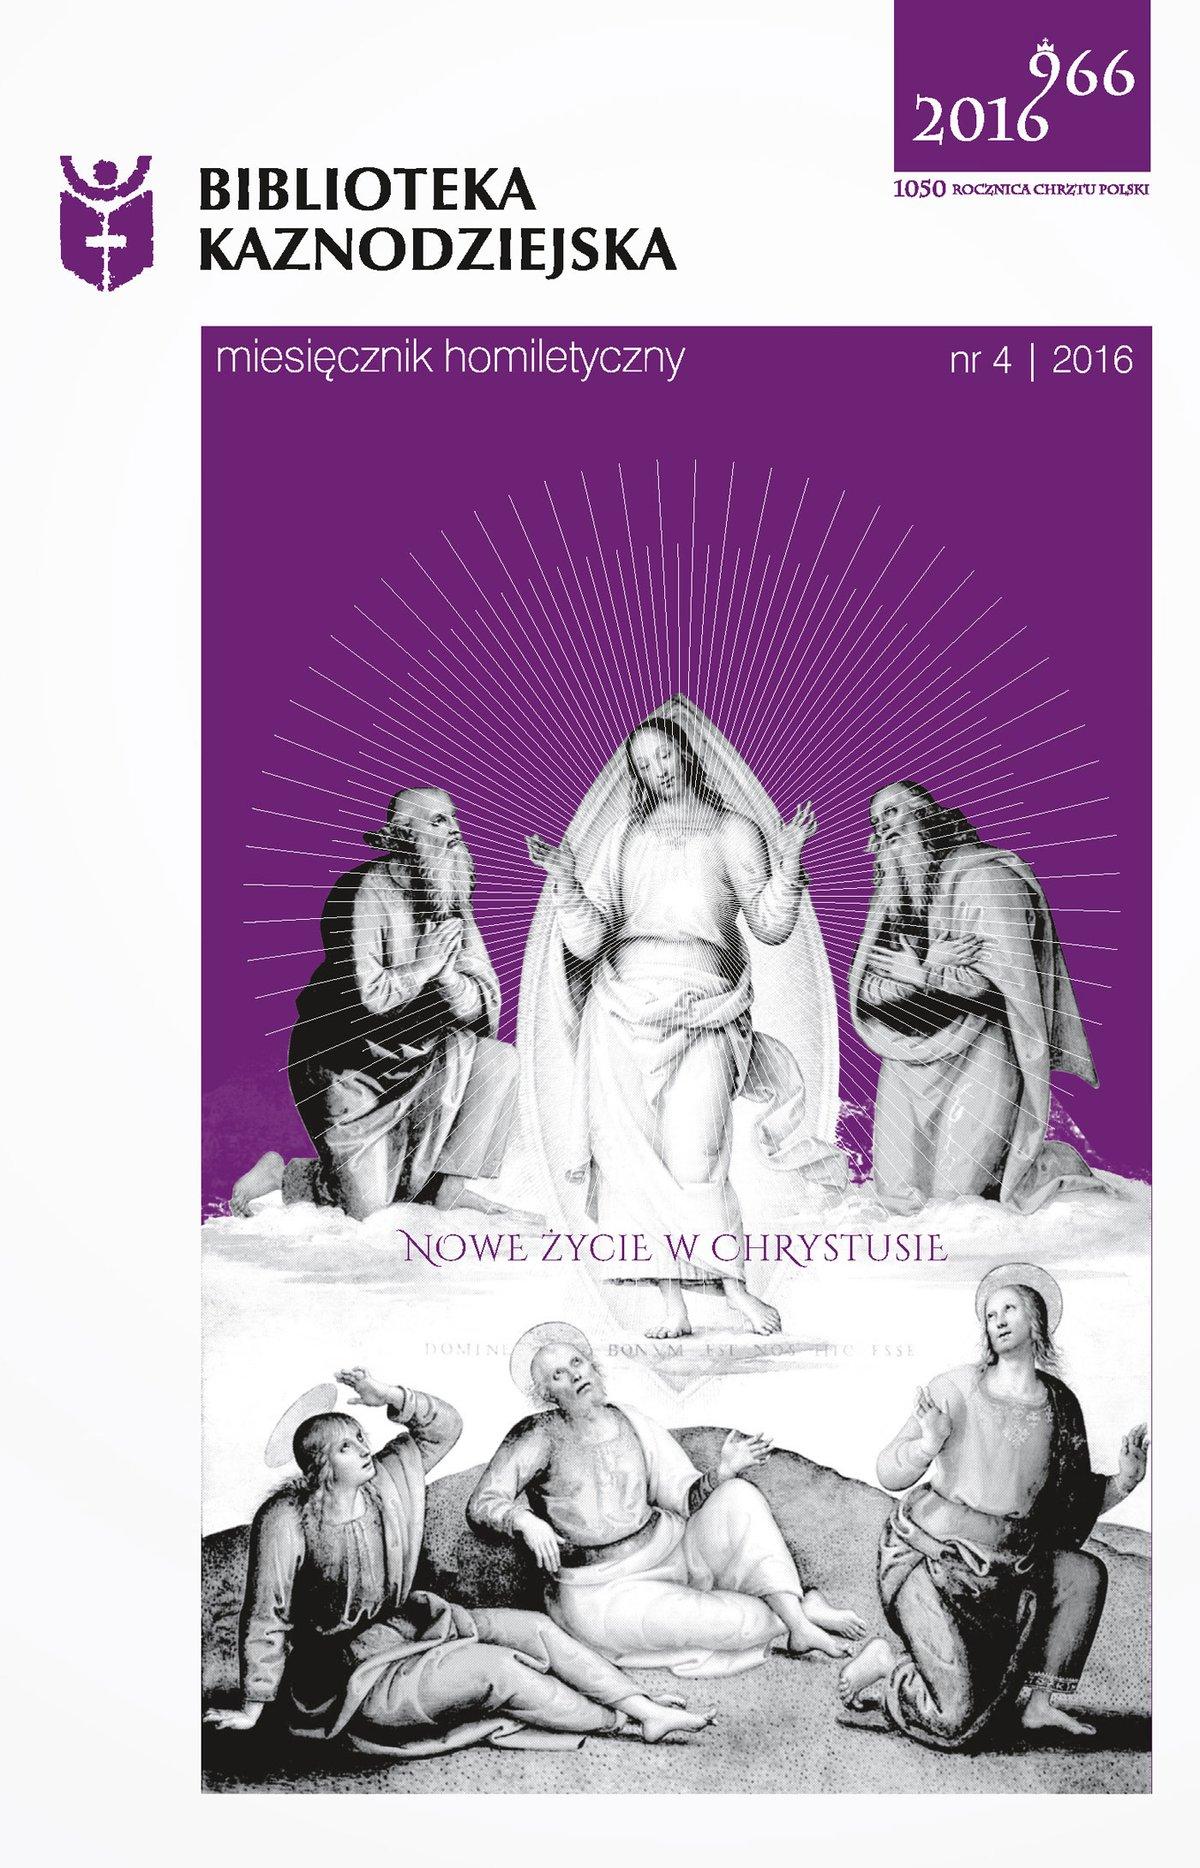 Biblioteka Kaznodziejska nr 04/2016 - Ebook (Książka na Kindle) do pobrania w formacie MOBI